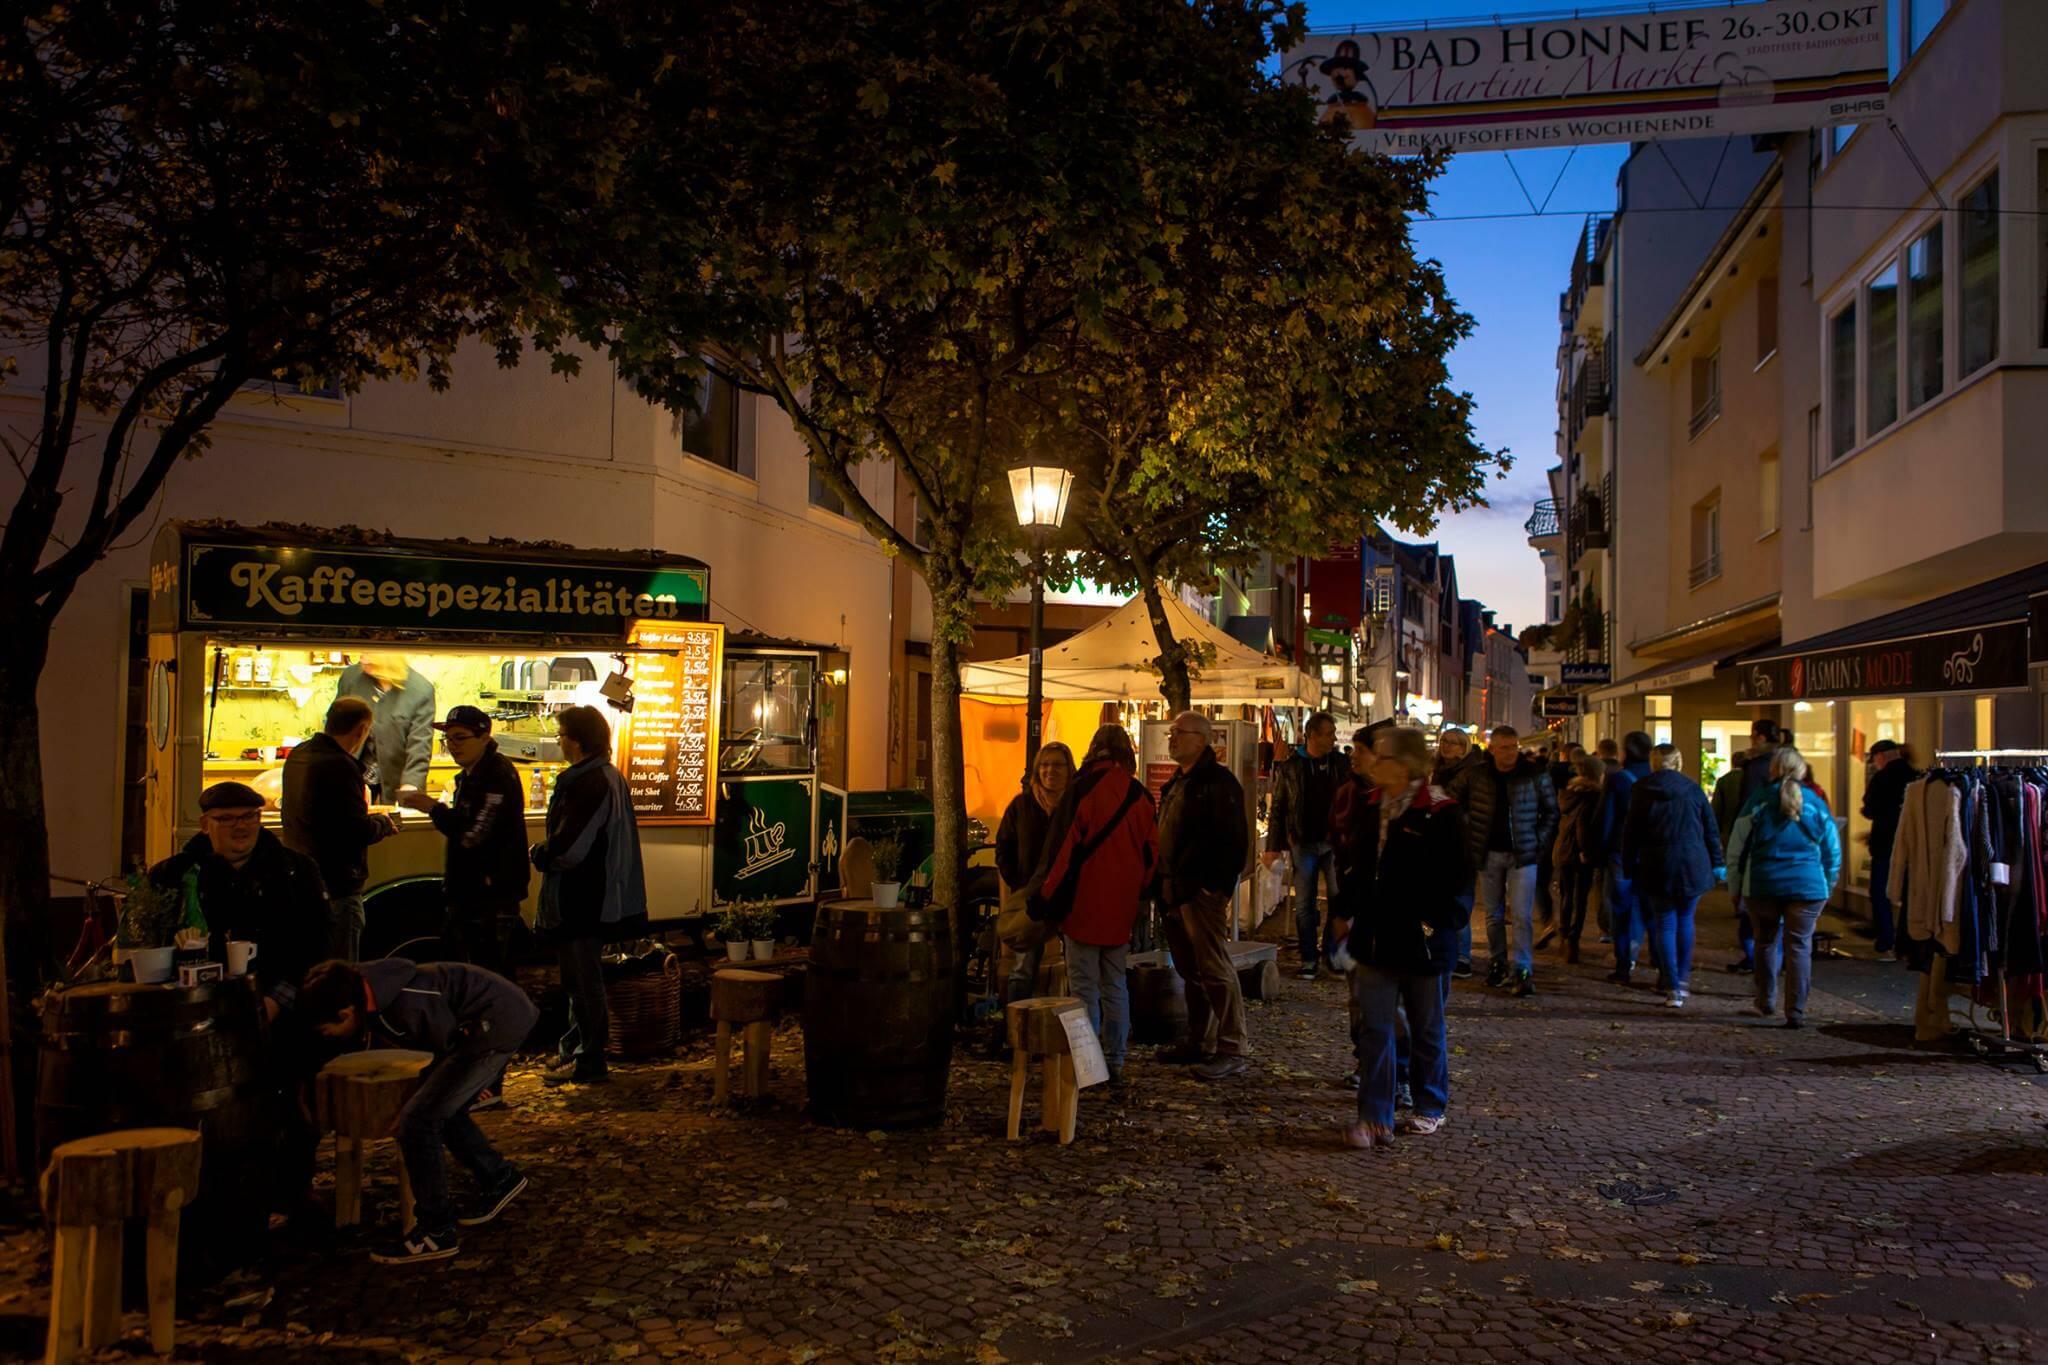 Der Blick vom Schmelztal aus in die Innenstadt von Bad Honnef gesehen zum Martinmarkt 2016